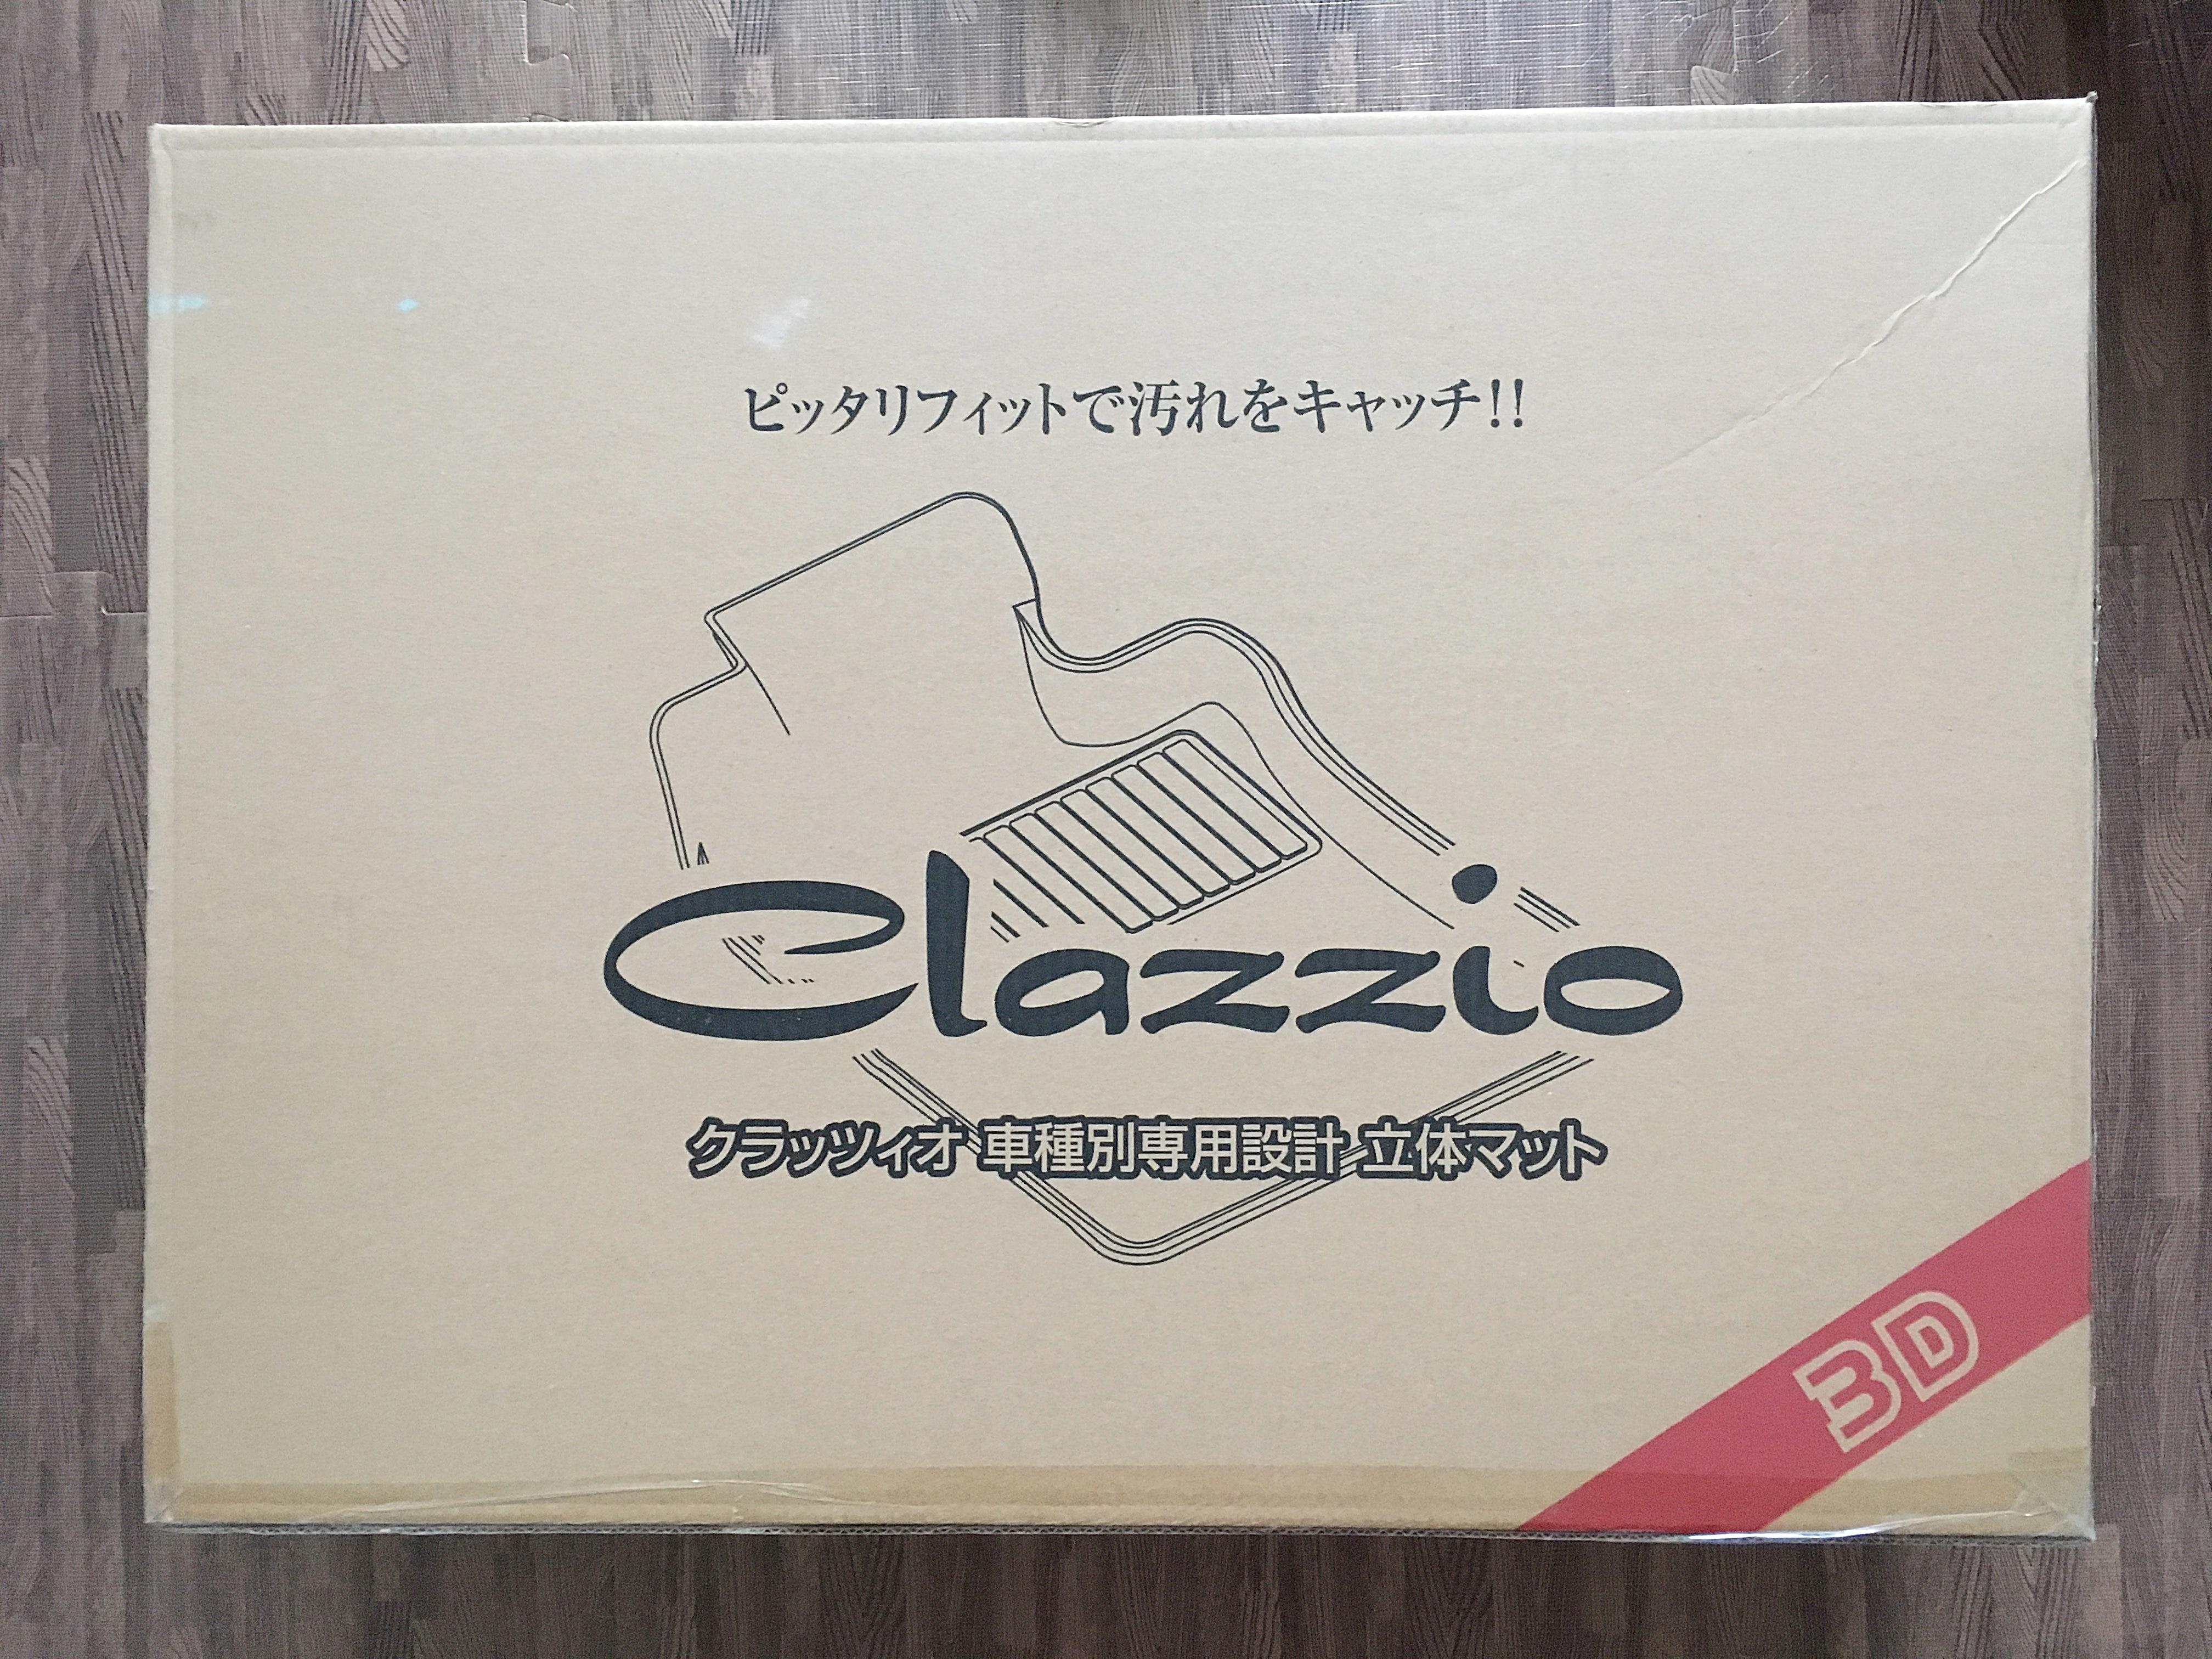 クラッツィオ VOXY専用 立体マット ラバータイプ ブラック 外箱.JPG